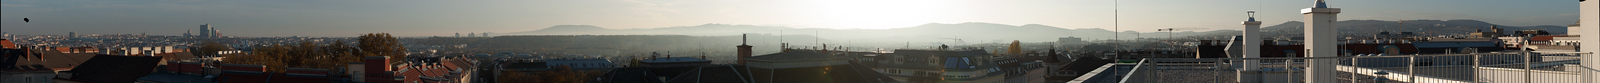 Panorama Shots